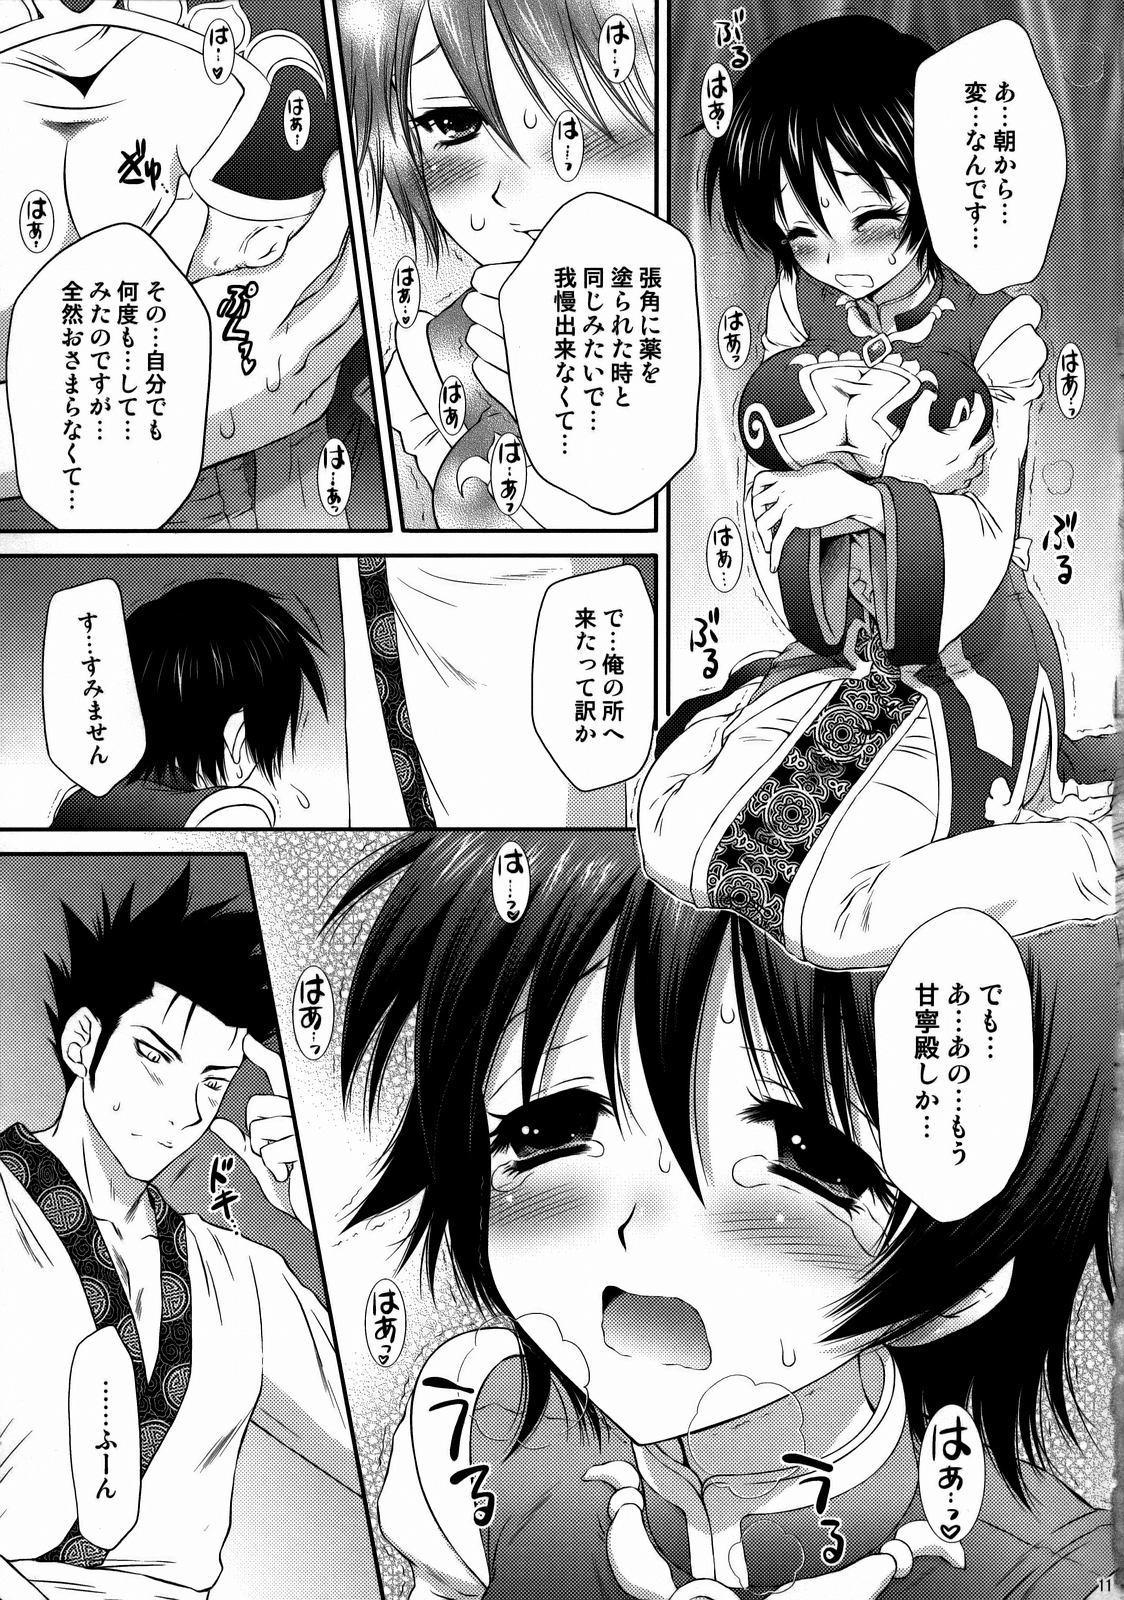 Himitsu no Rikuson-chan 9